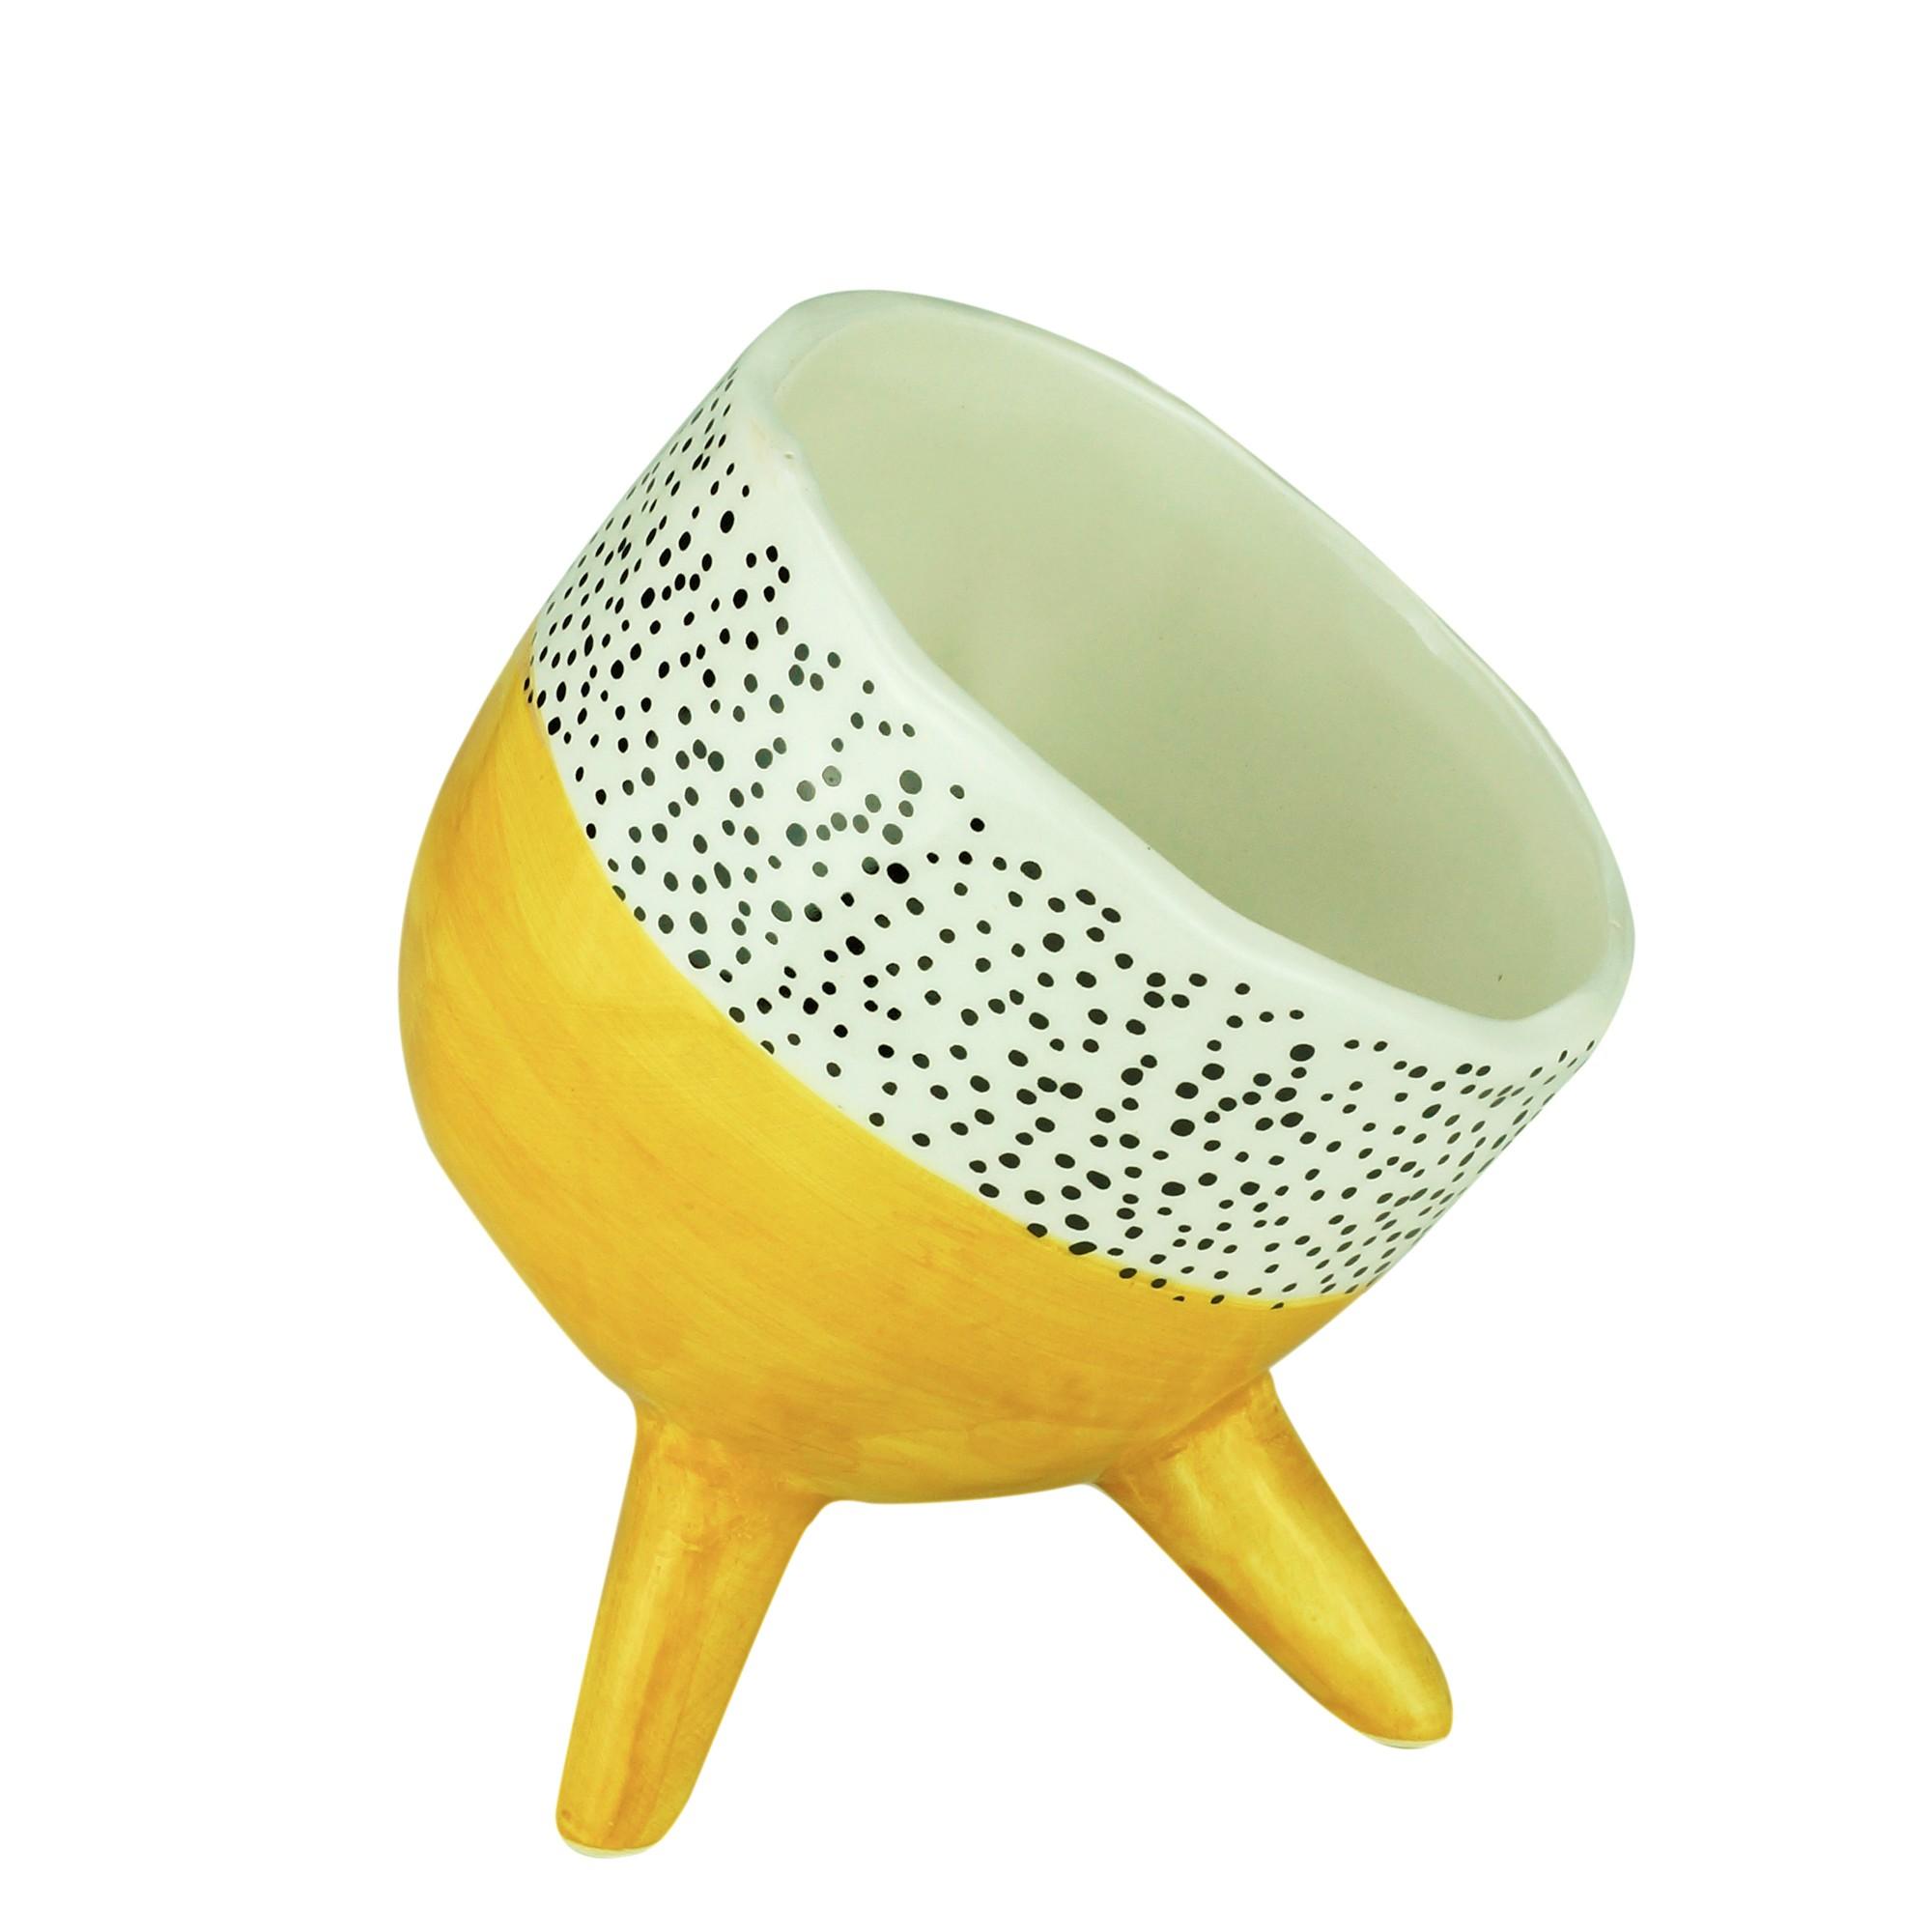 Cachepot de Ceramica Redondo 13cm 44341 - Urban